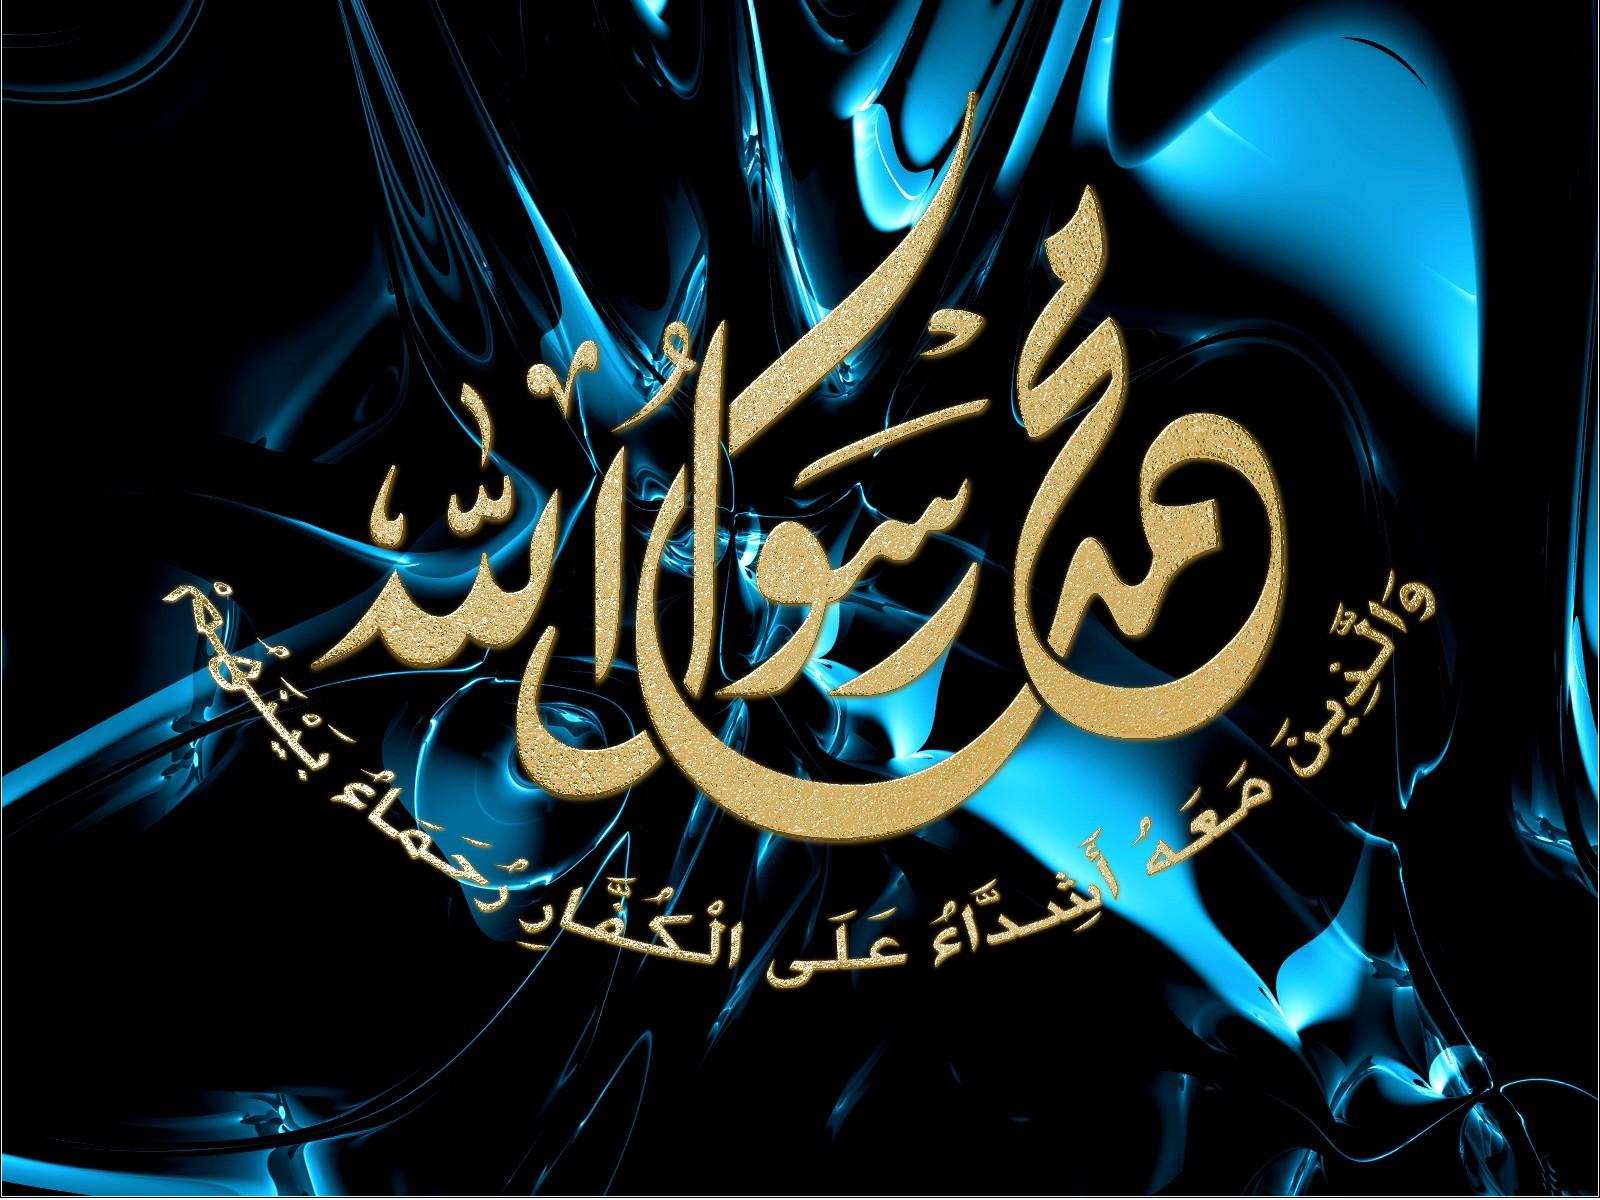 بالصور صور دينيه اسلاميه , استخدامات متعددة للصور الاسلامية 1833 9